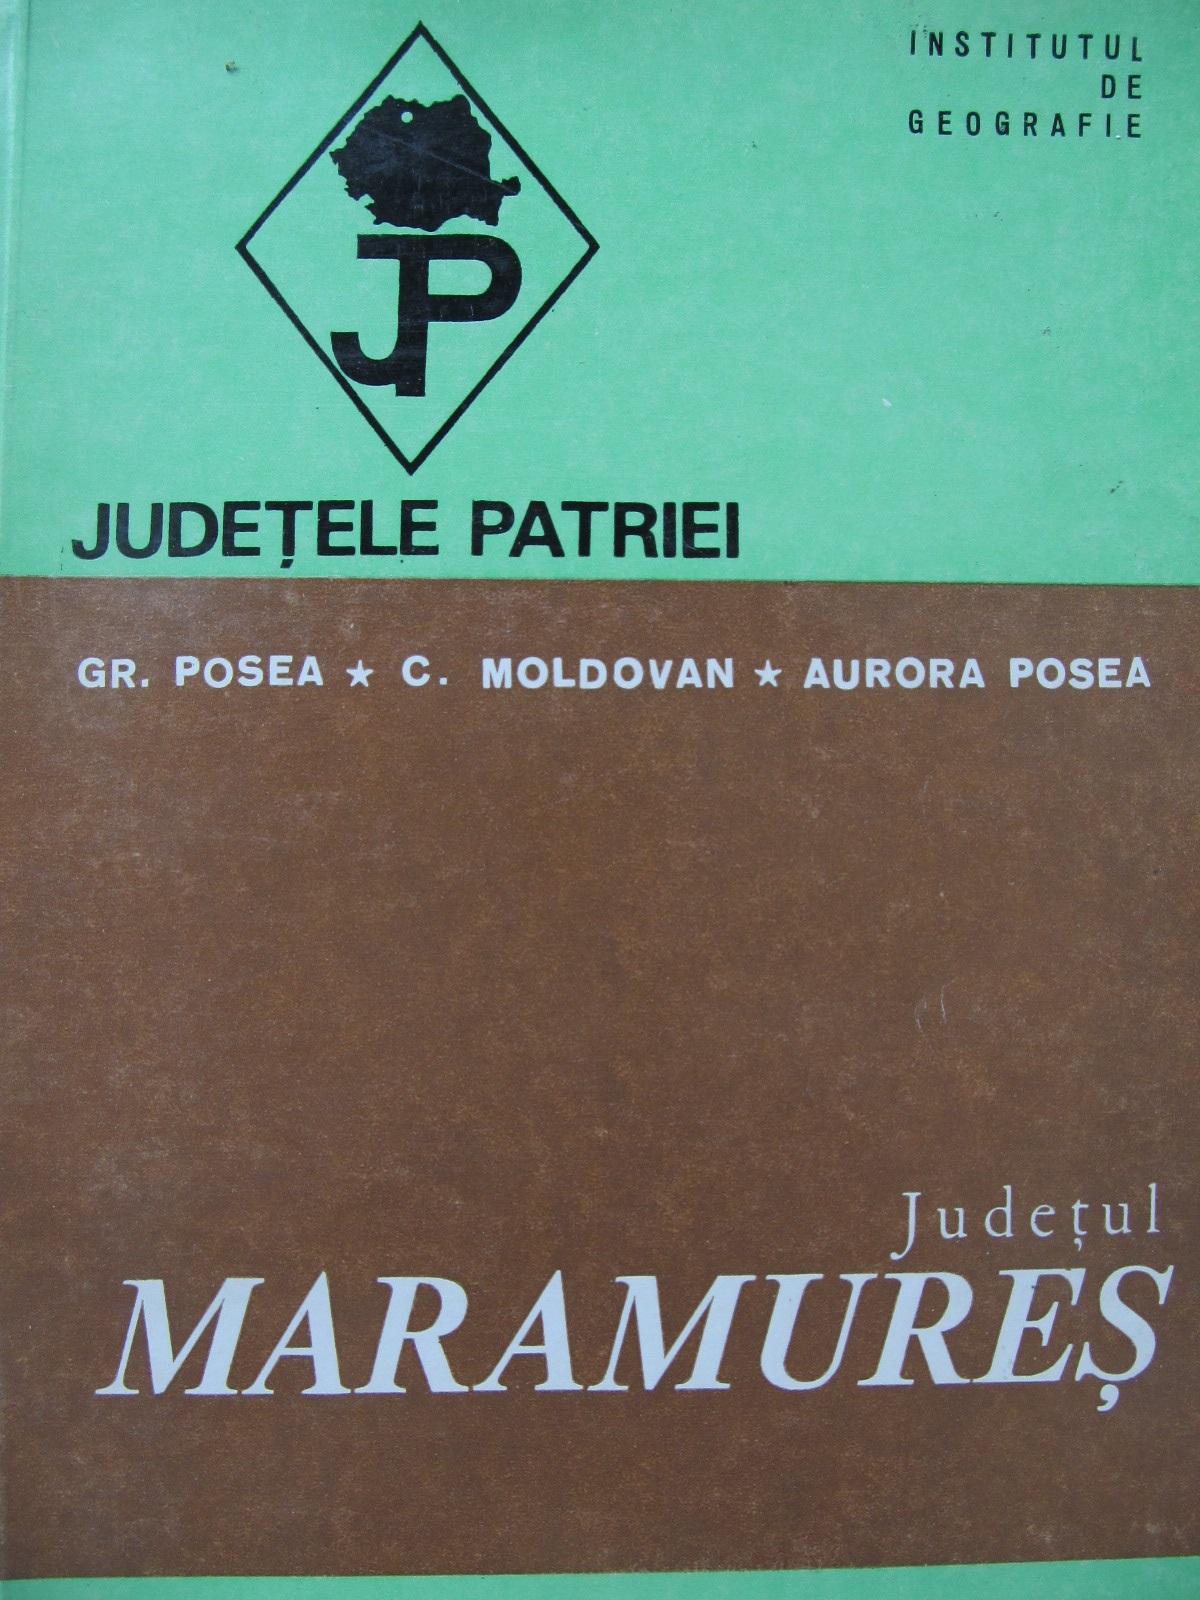 Judetele patriei - Judetul Maramures (cu harta) - Gr. Posea , C. Moldovan , Aurora Posea | Detalii carte